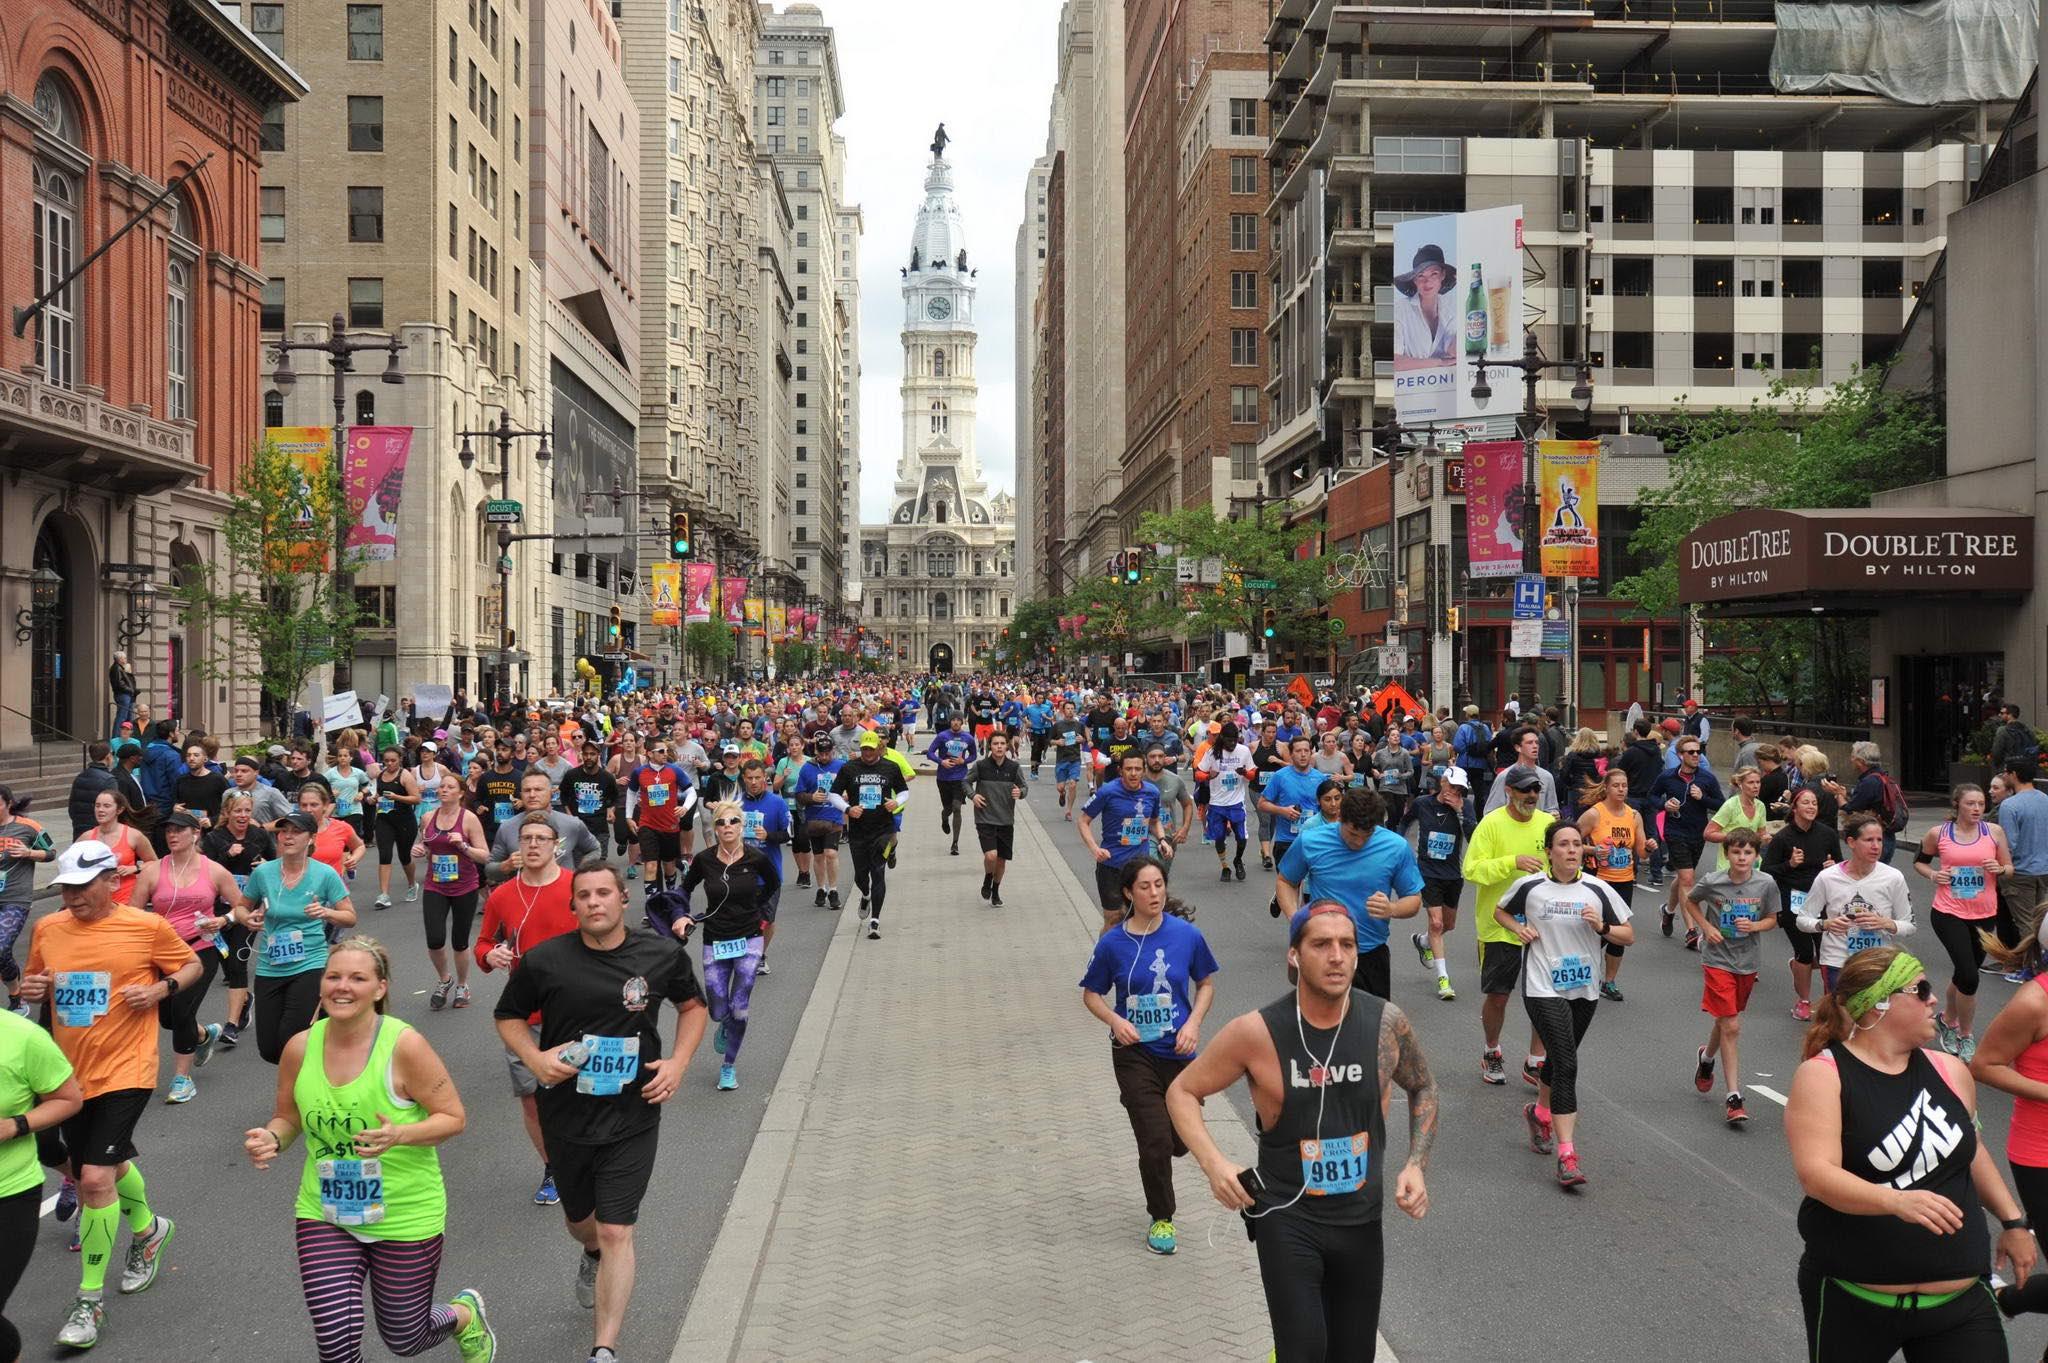 Broad Street Run 10-Miler